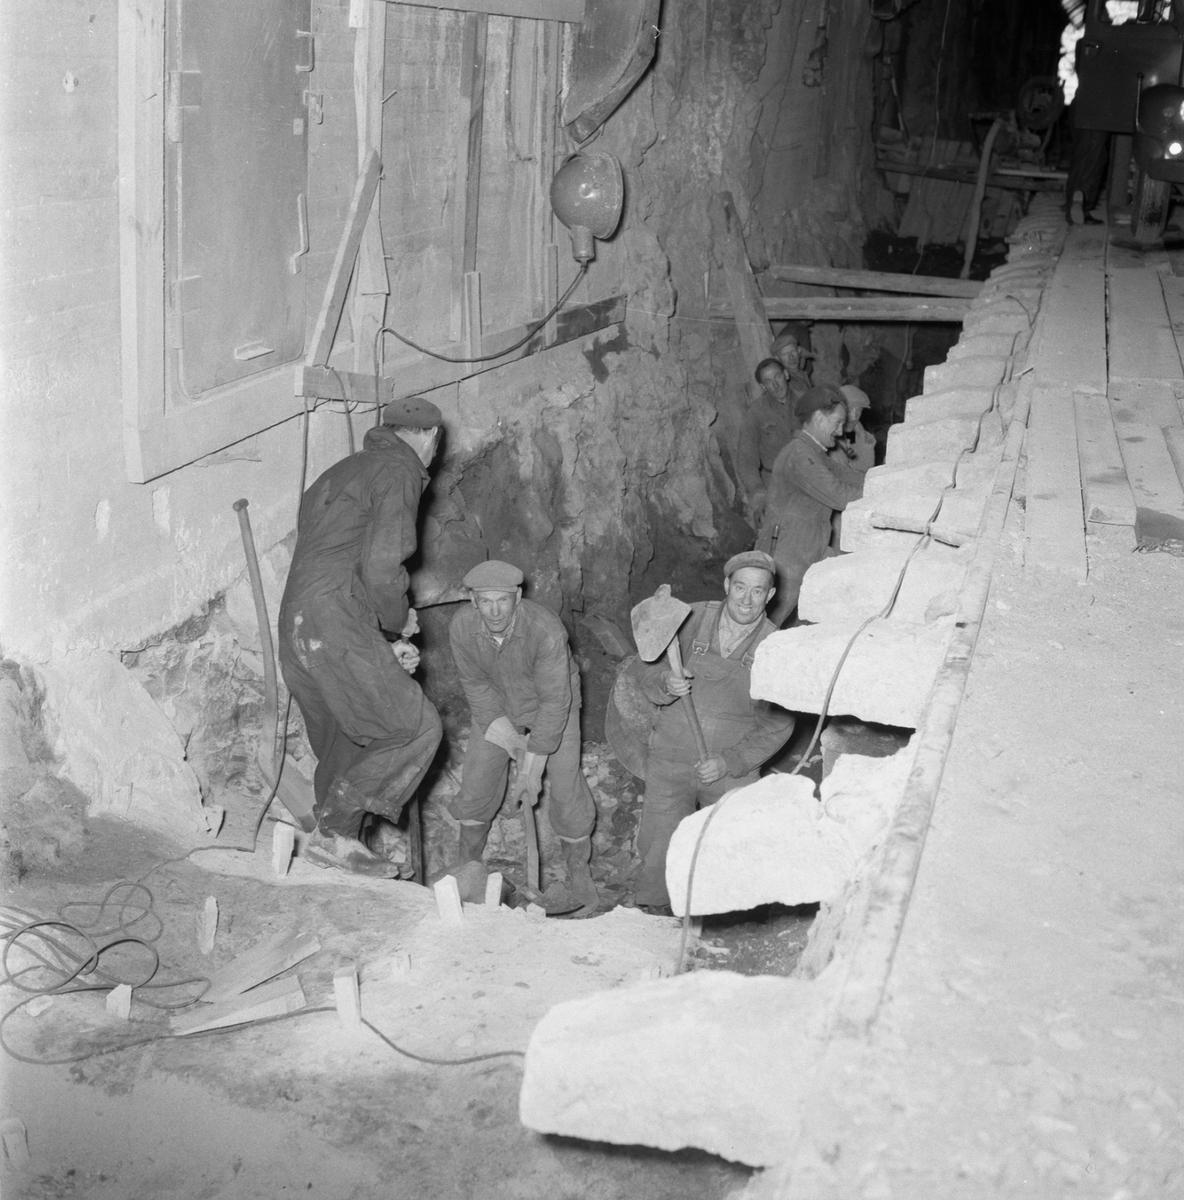 Övrigt: Fotodatum:5/10 1959 Byggnader och Kranar. Järnvägstunnel sprängning